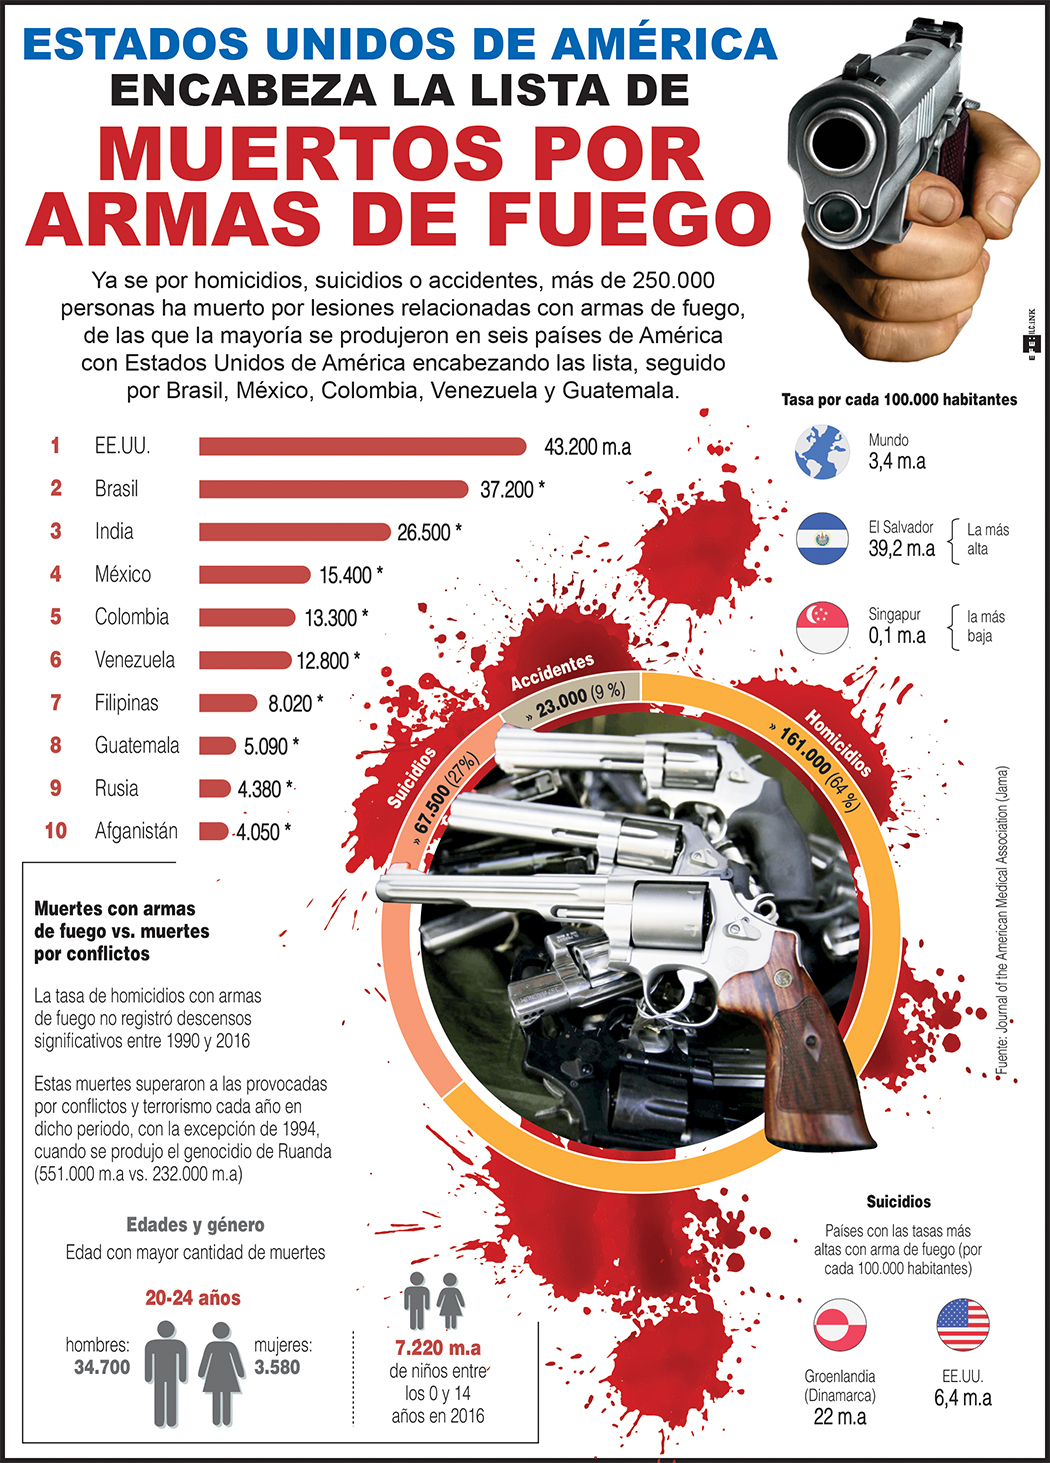 muertes Armas de fuego - OCT 2018.jpg